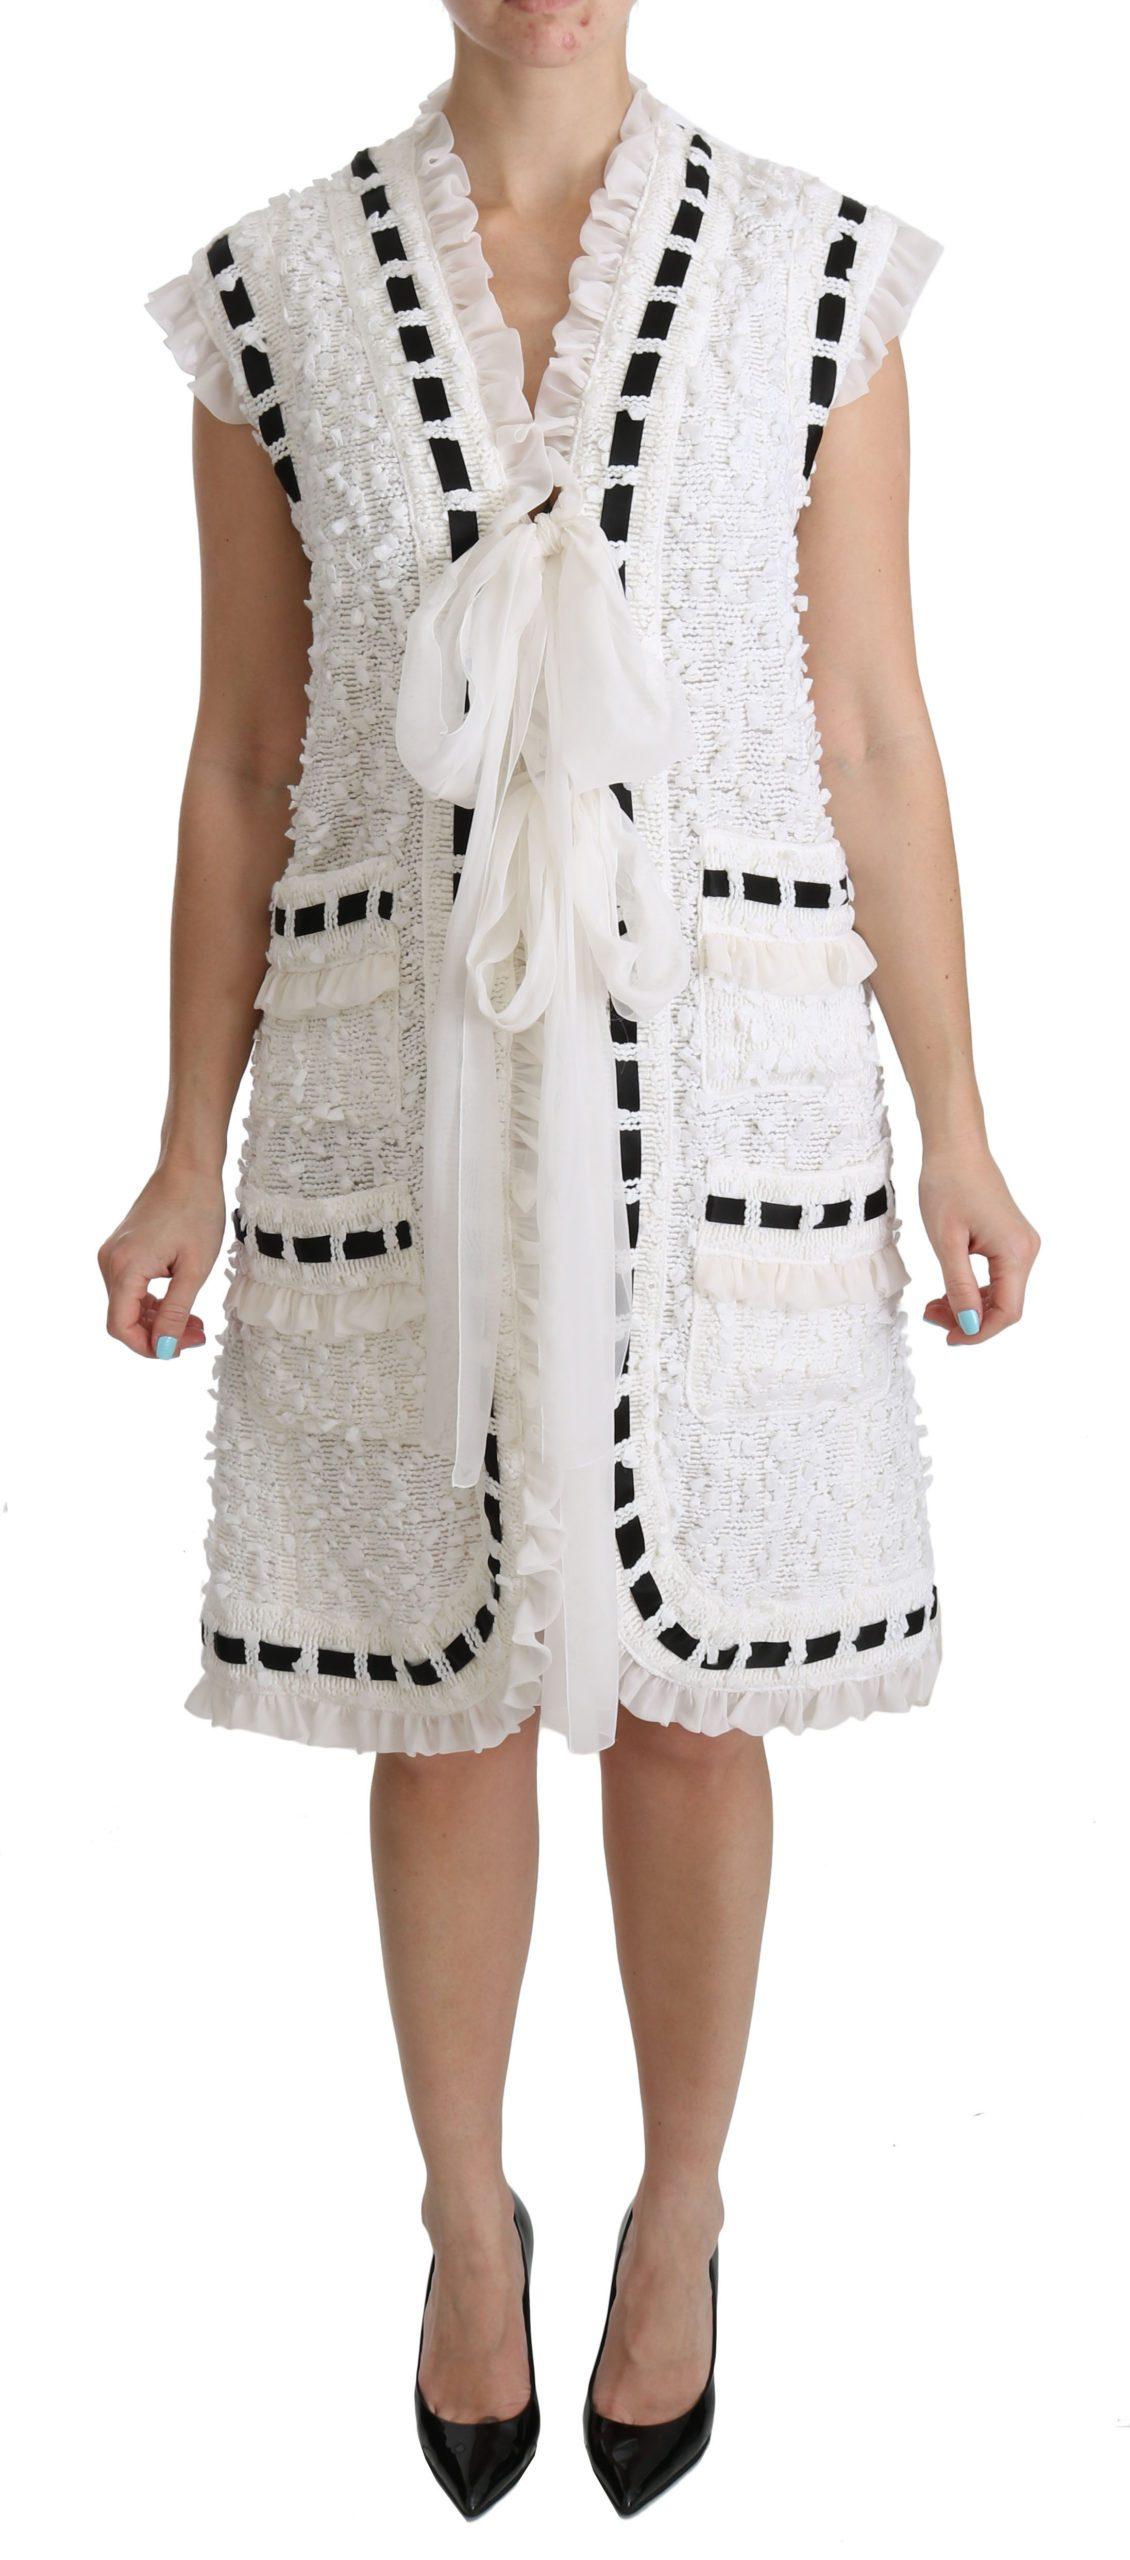 Dolce & Gabbana Women's Crochet Sleeveless Coat Jacket White DR2075 - IT40|S